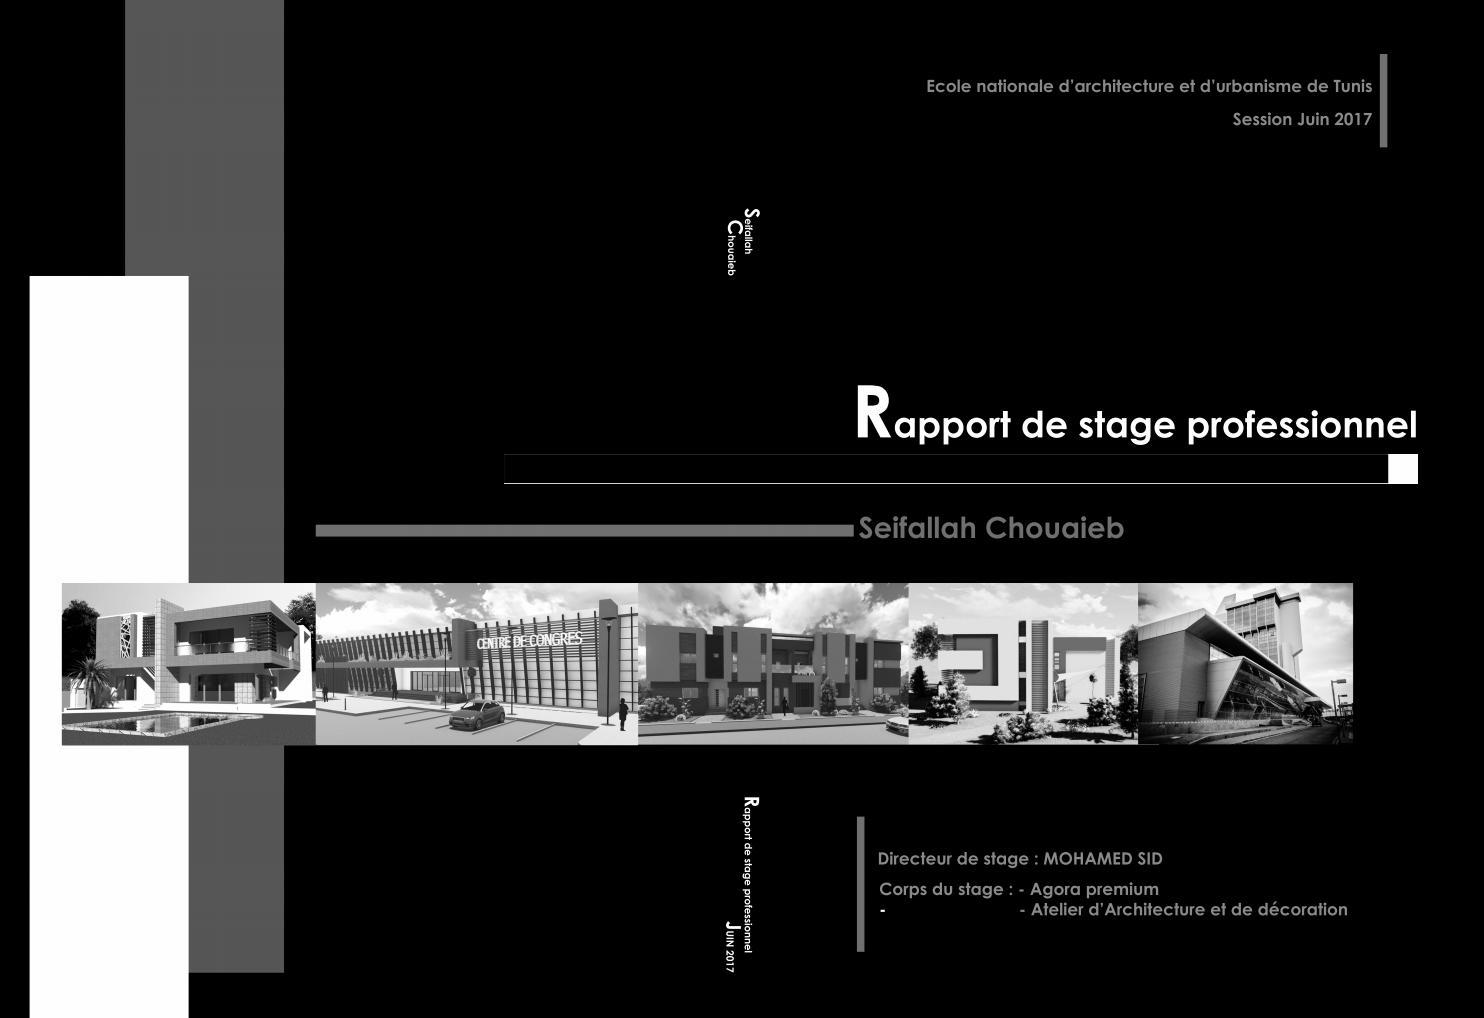 Rapport de stage professionnel en architecture seifallah chouaieb